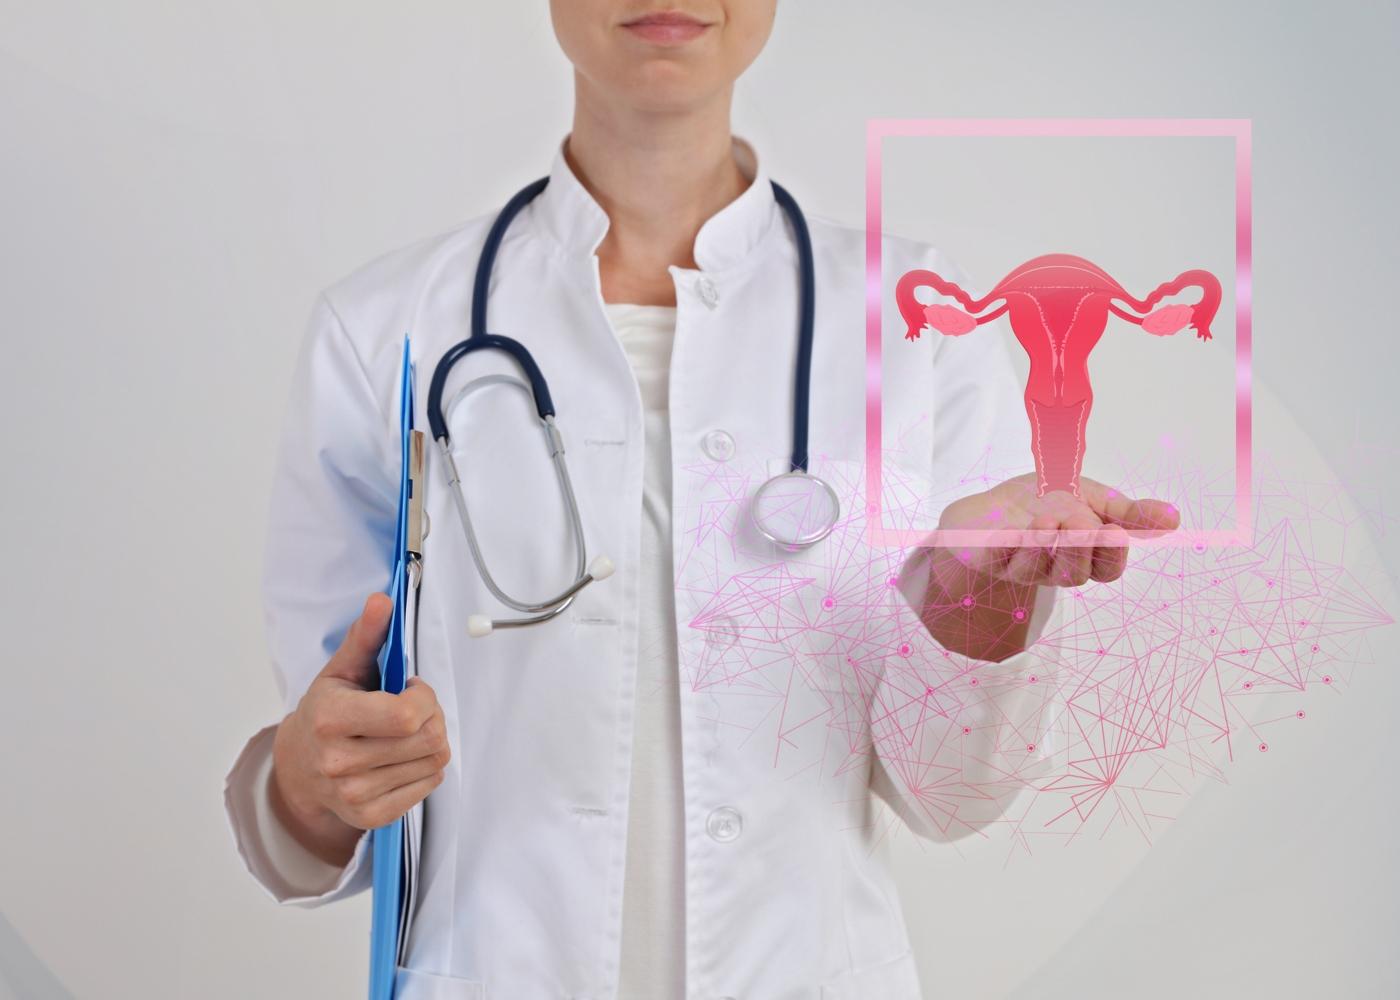 Ilustração do sistema reprodutor feminino